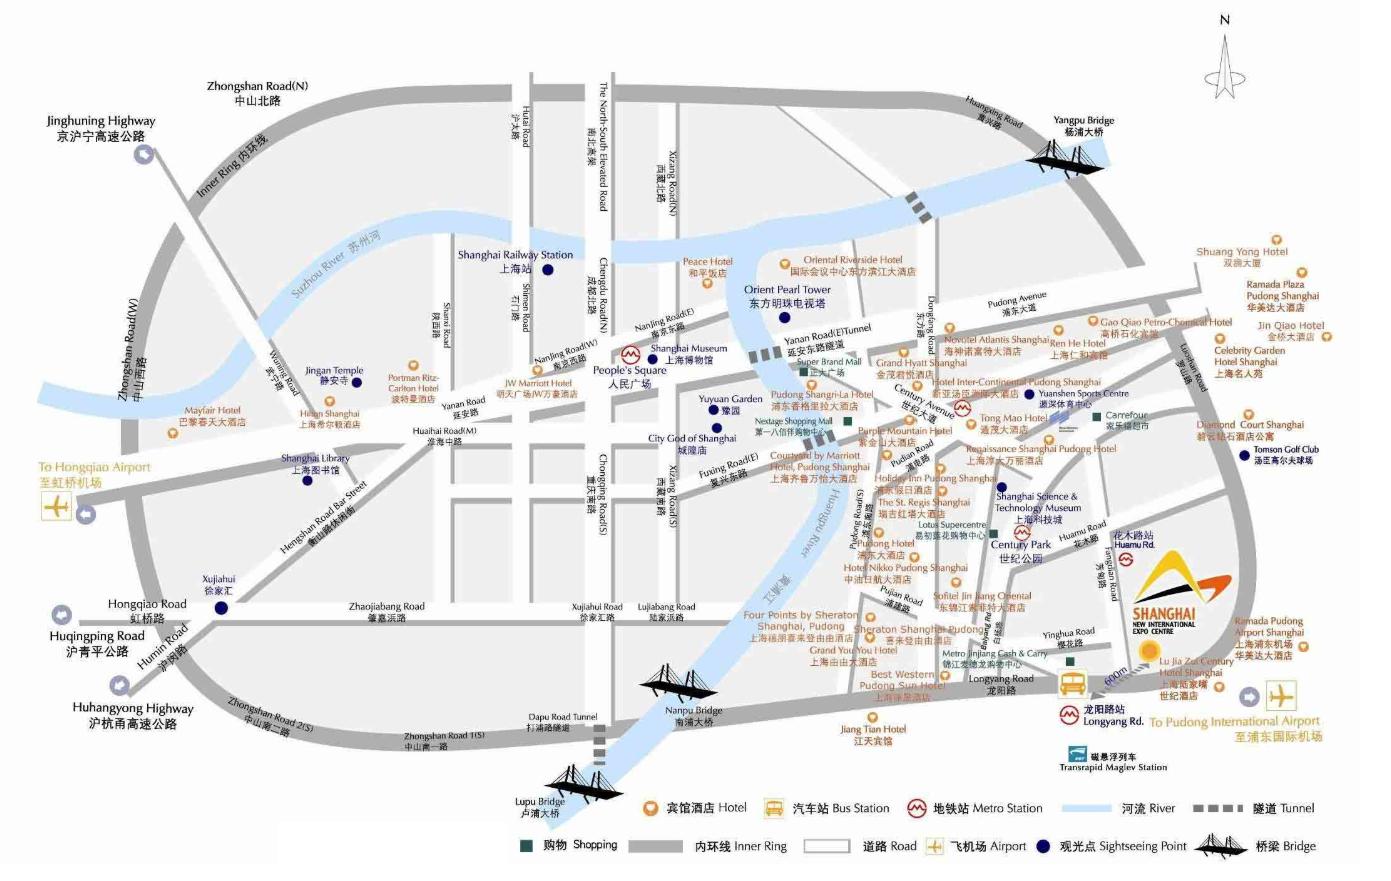 展馆周边交通图